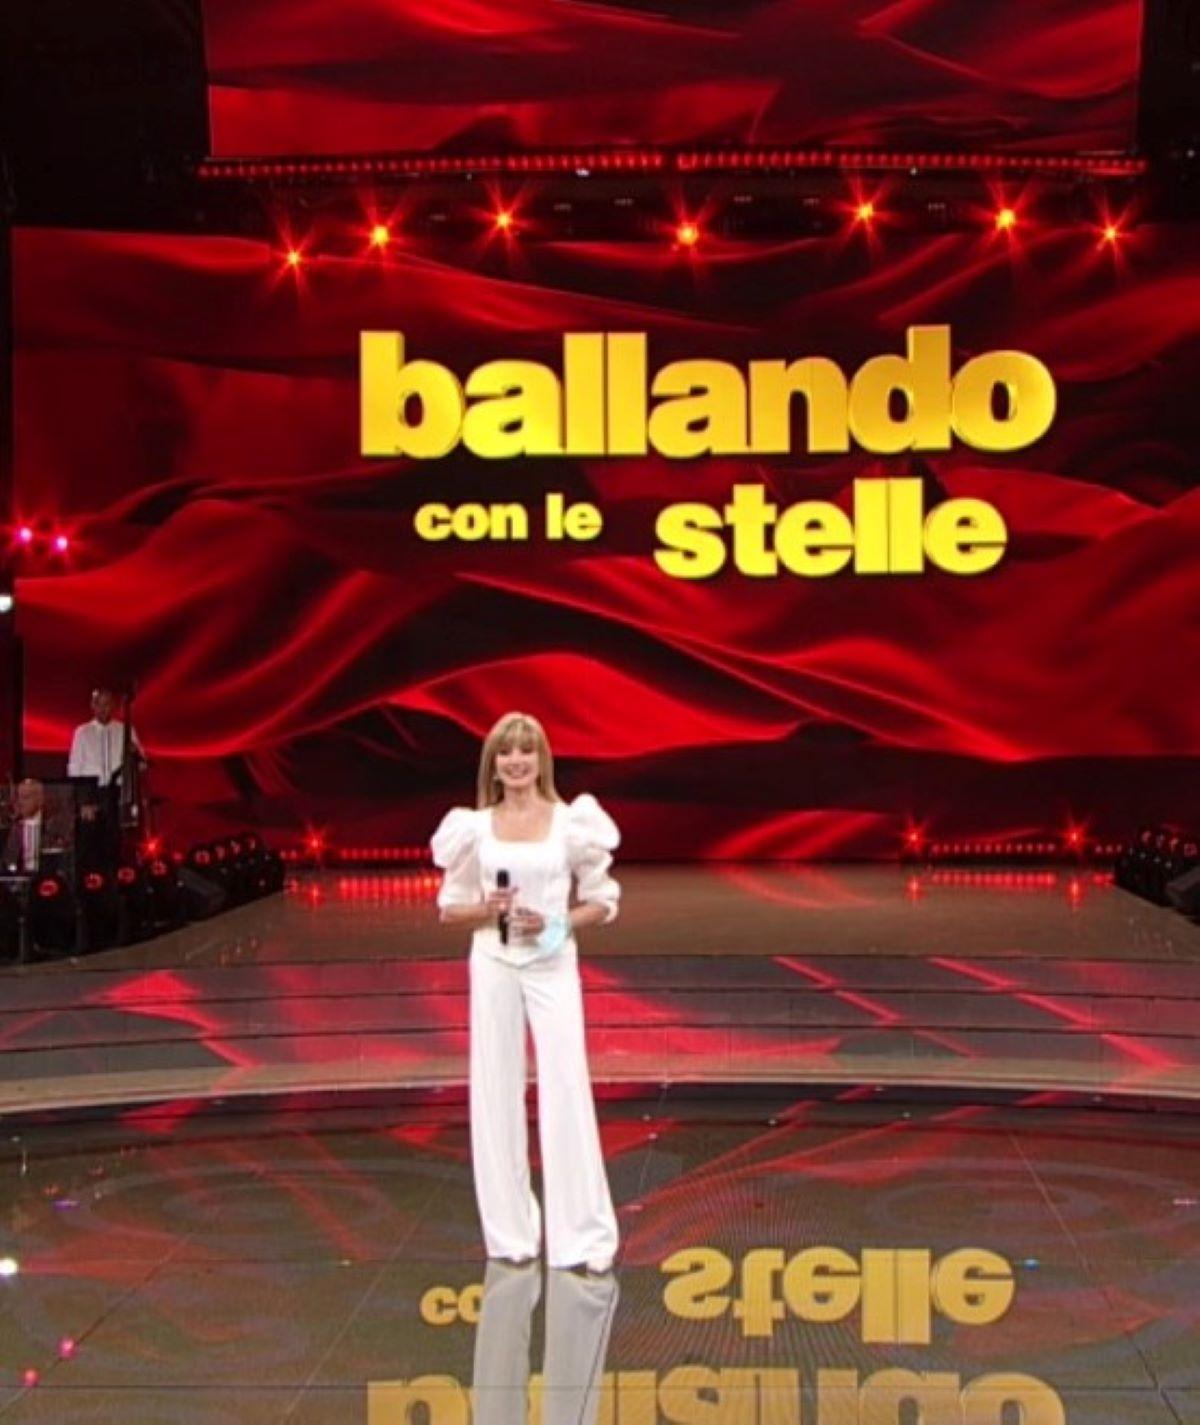 Ballando con le stelle Ipotesi Cast Caterina Balivo